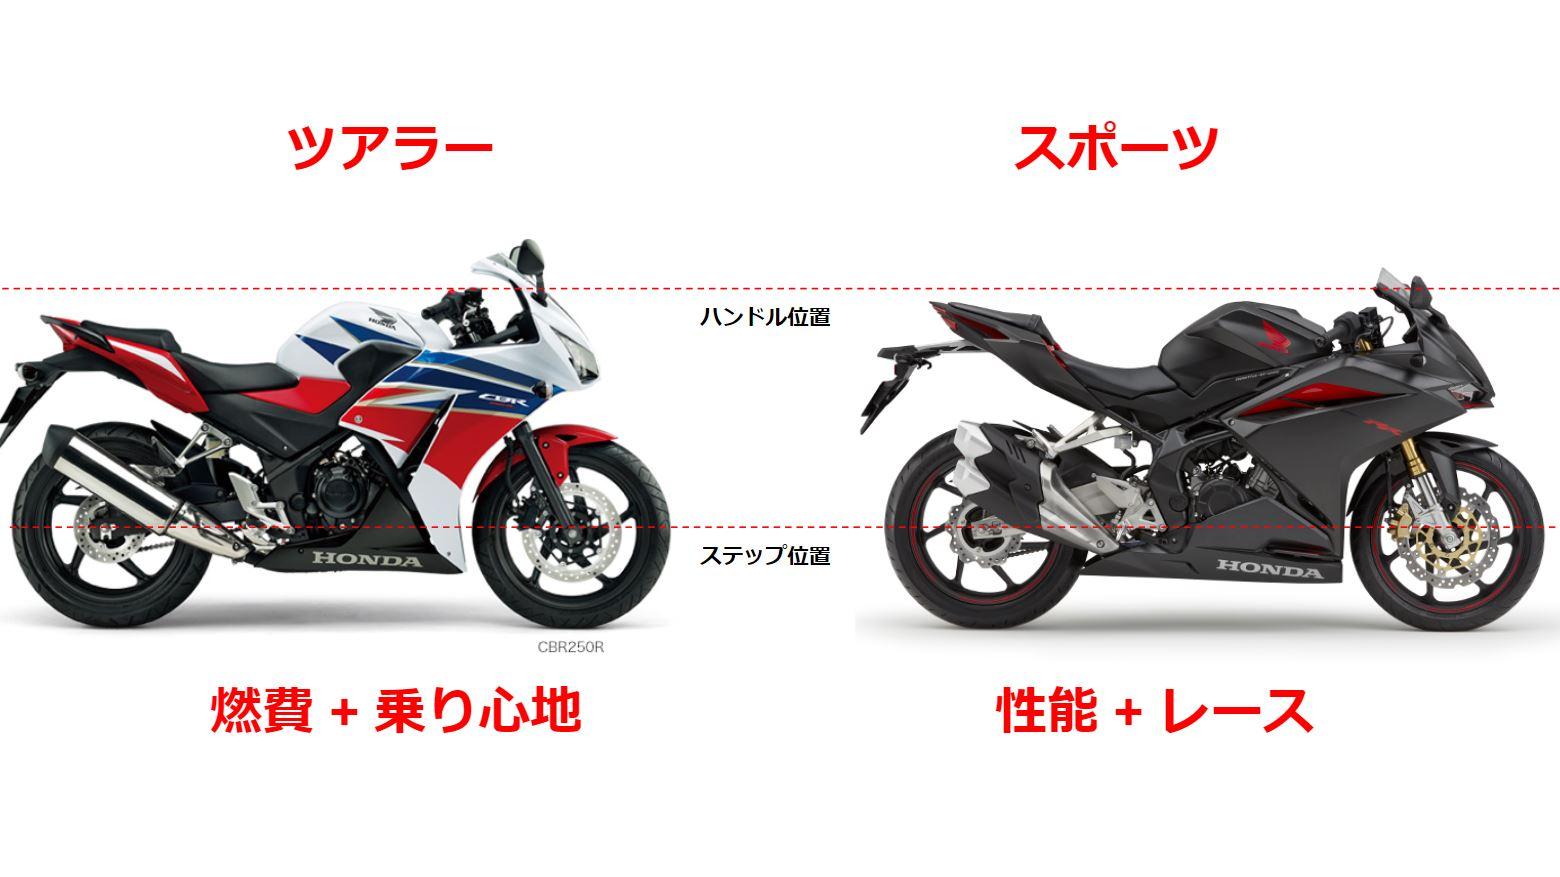 CBR250RとRRの違いを表した画像